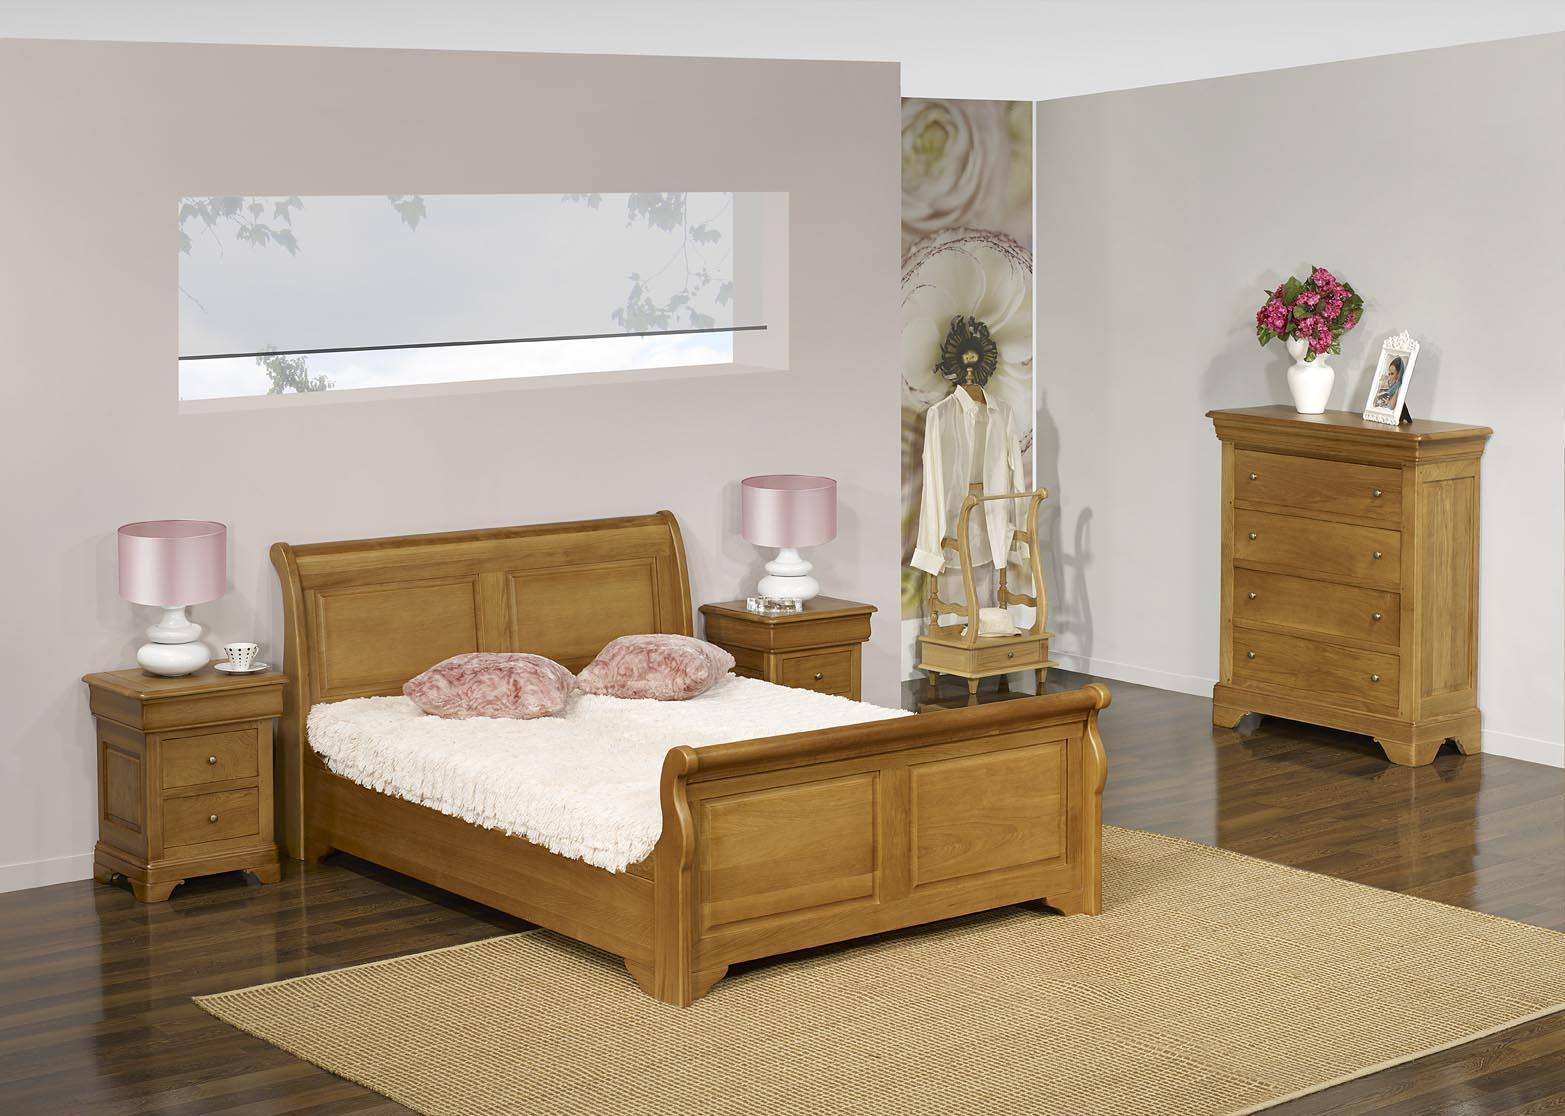 lit bateau 140x190 en ch ne massif de style louis philippe campagnard meuble en ch ne. Black Bedroom Furniture Sets. Home Design Ideas